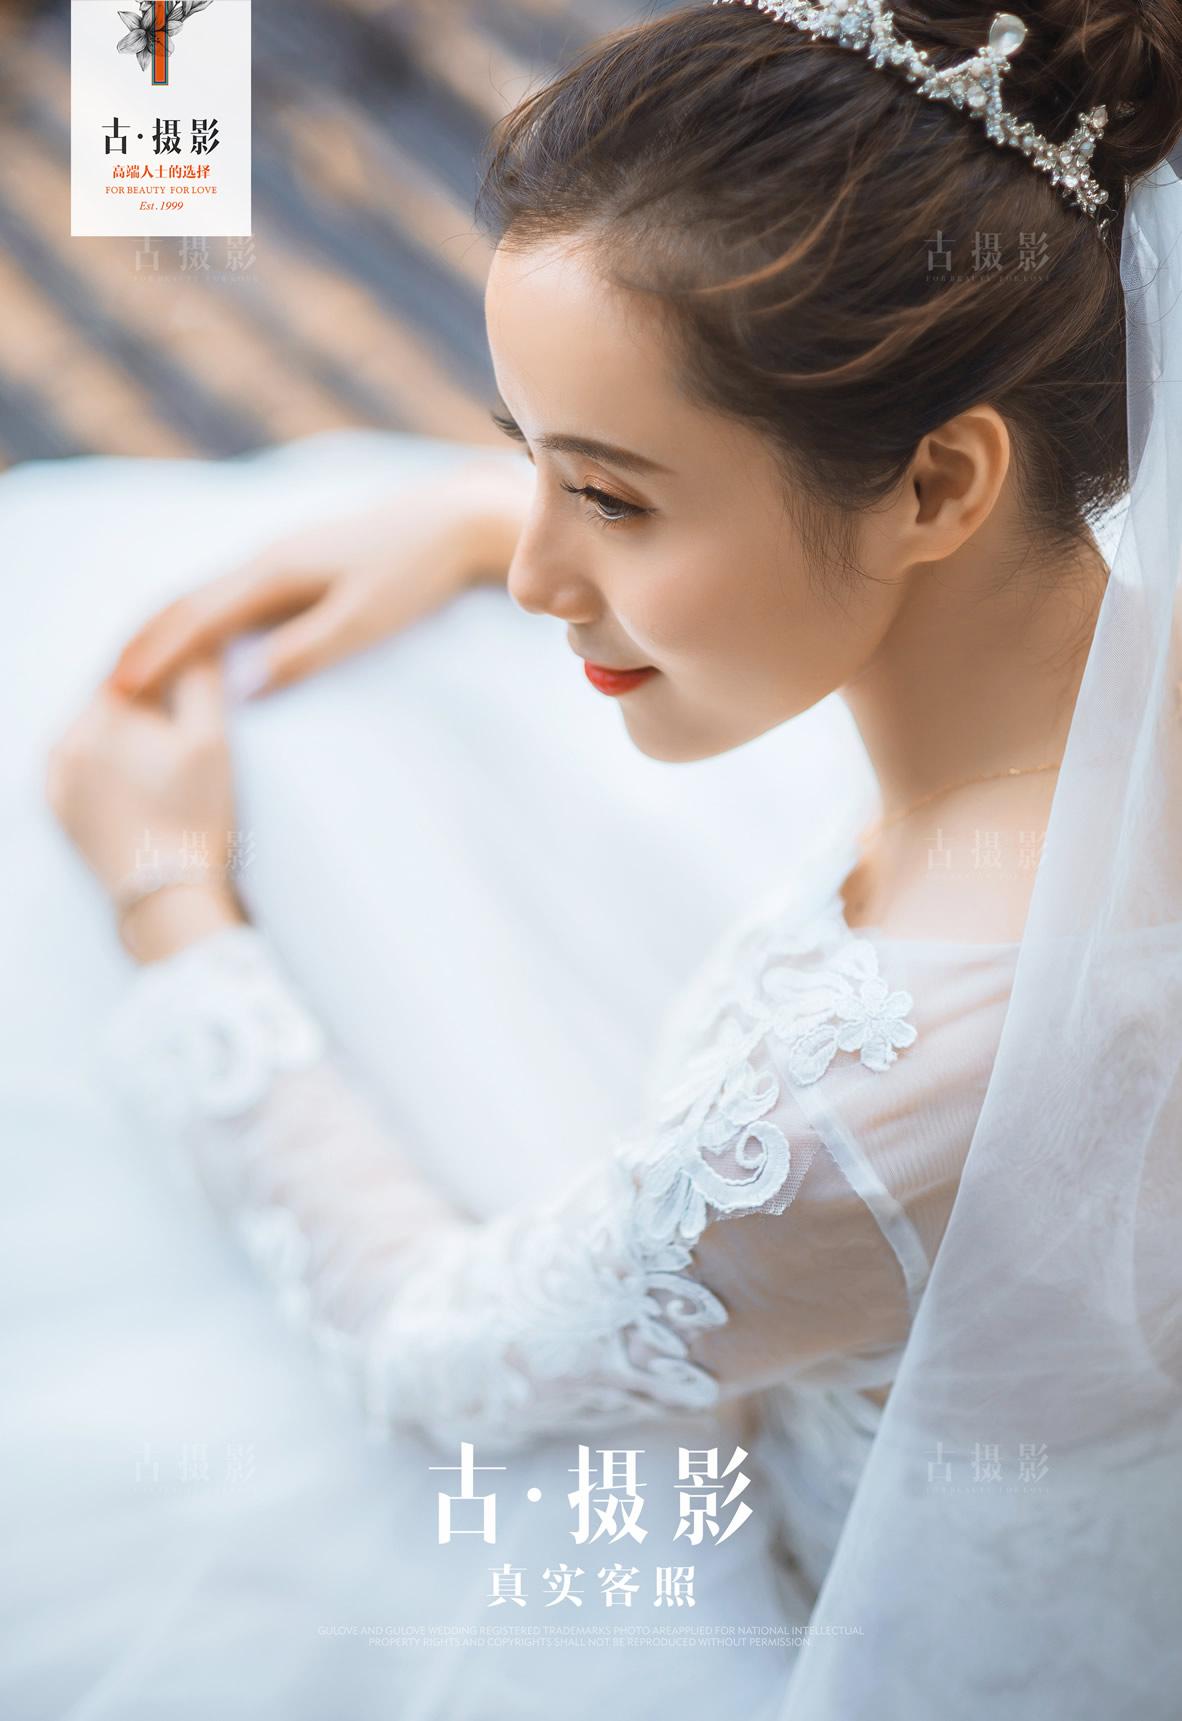 10月1日客片胡先生 秦小姐 - 每日客照 - 古摄影婚纱艺术-古摄影成都婚纱摄影艺术摄影网